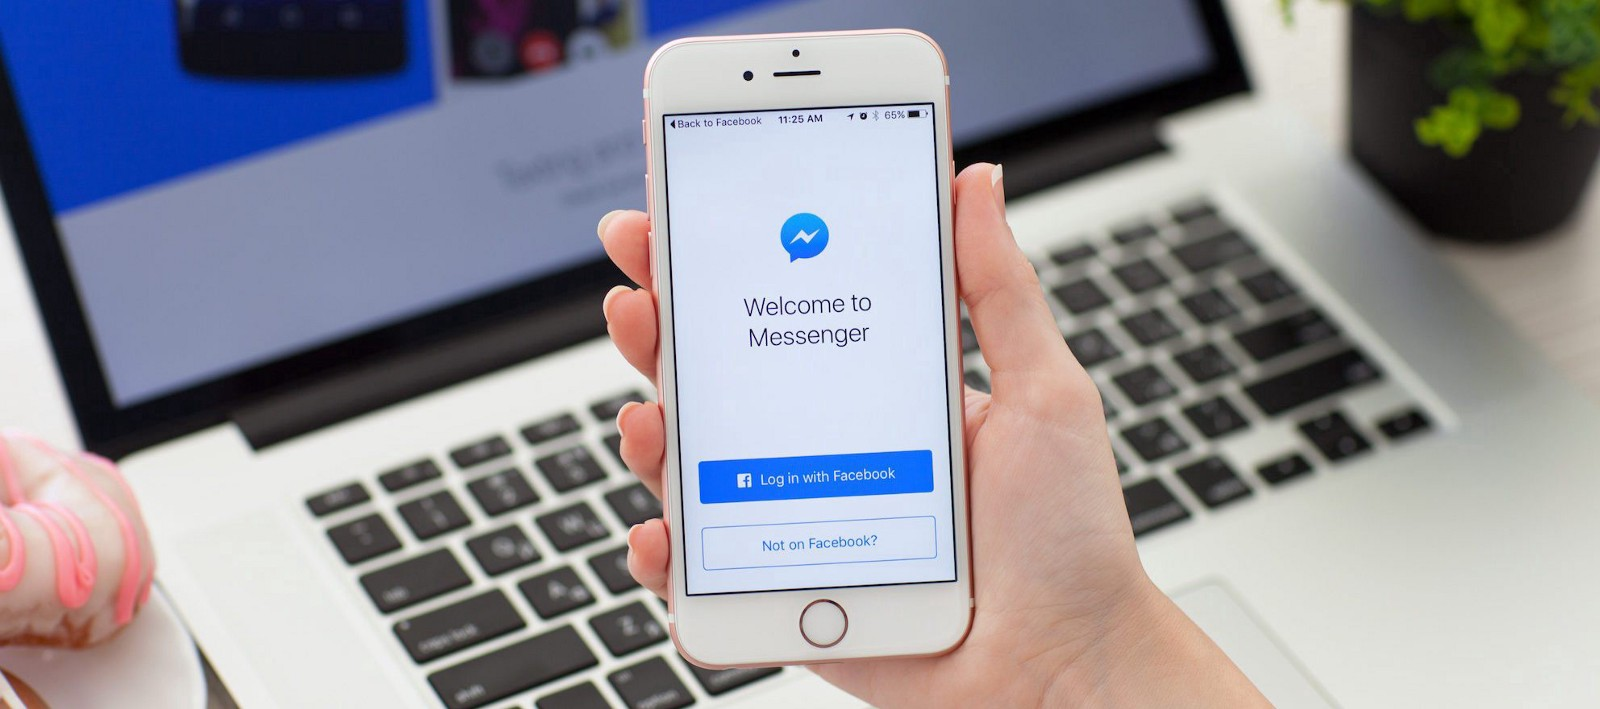 Crea un bot para Messenger (2 parte)